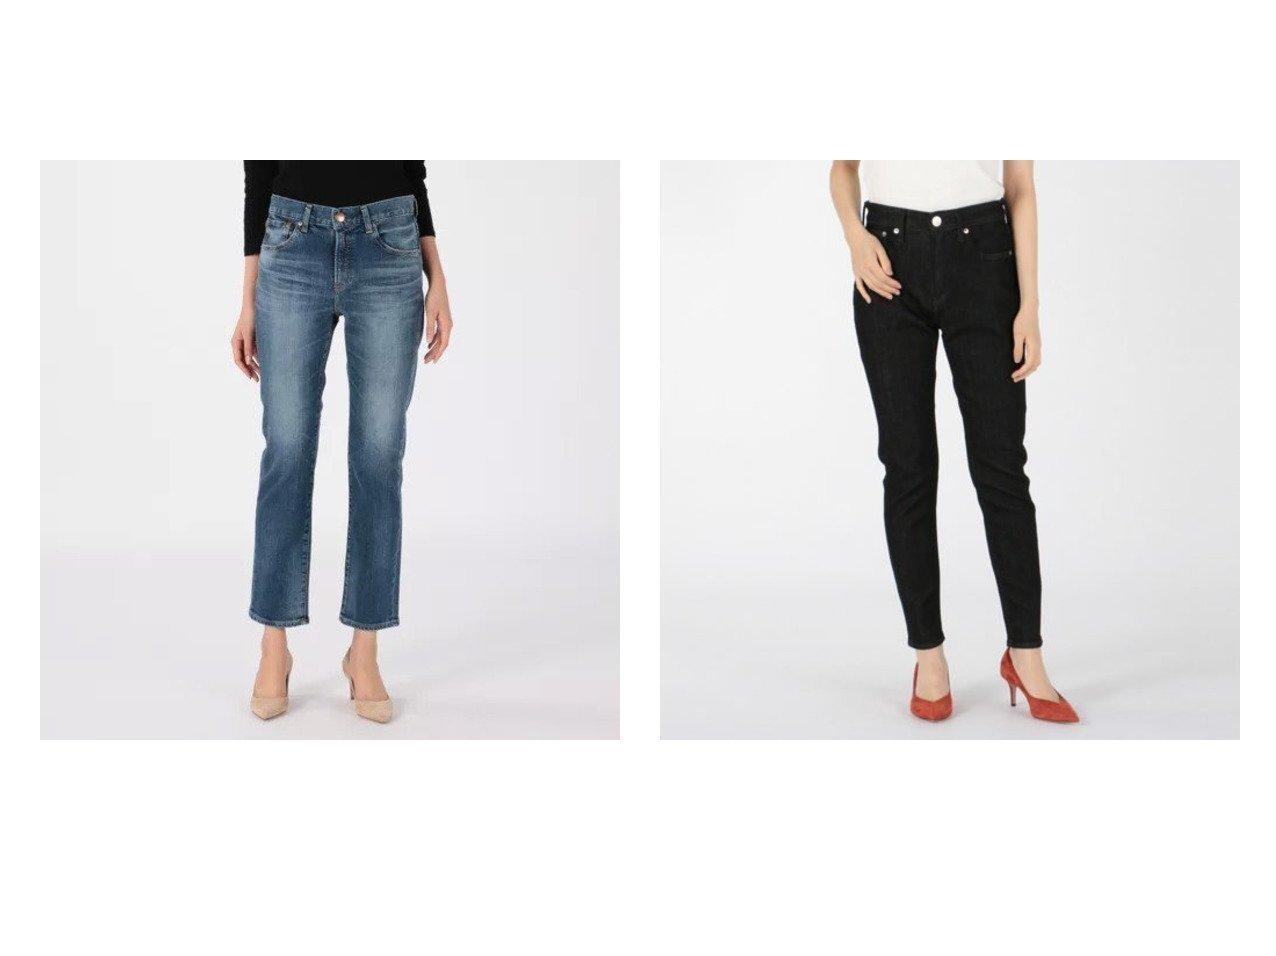 【RED CARD/レッドカード】のLiberty&Anniversary Highrise パンツのおすすめ!人気、トレンド・レディースファッションの通販 おすすめで人気の流行・トレンド、ファッションの通販商品 メンズファッション・キッズファッション・インテリア・家具・レディースファッション・服の通販 founy(ファニー) https://founy.com/ ファッション Fashion レディースファッション WOMEN パンツ Pants ウォッシュ グラデーション スキニー ストレート デニム ヴィンテージ 冬 Winter 洗える |ID:crp329100000016056